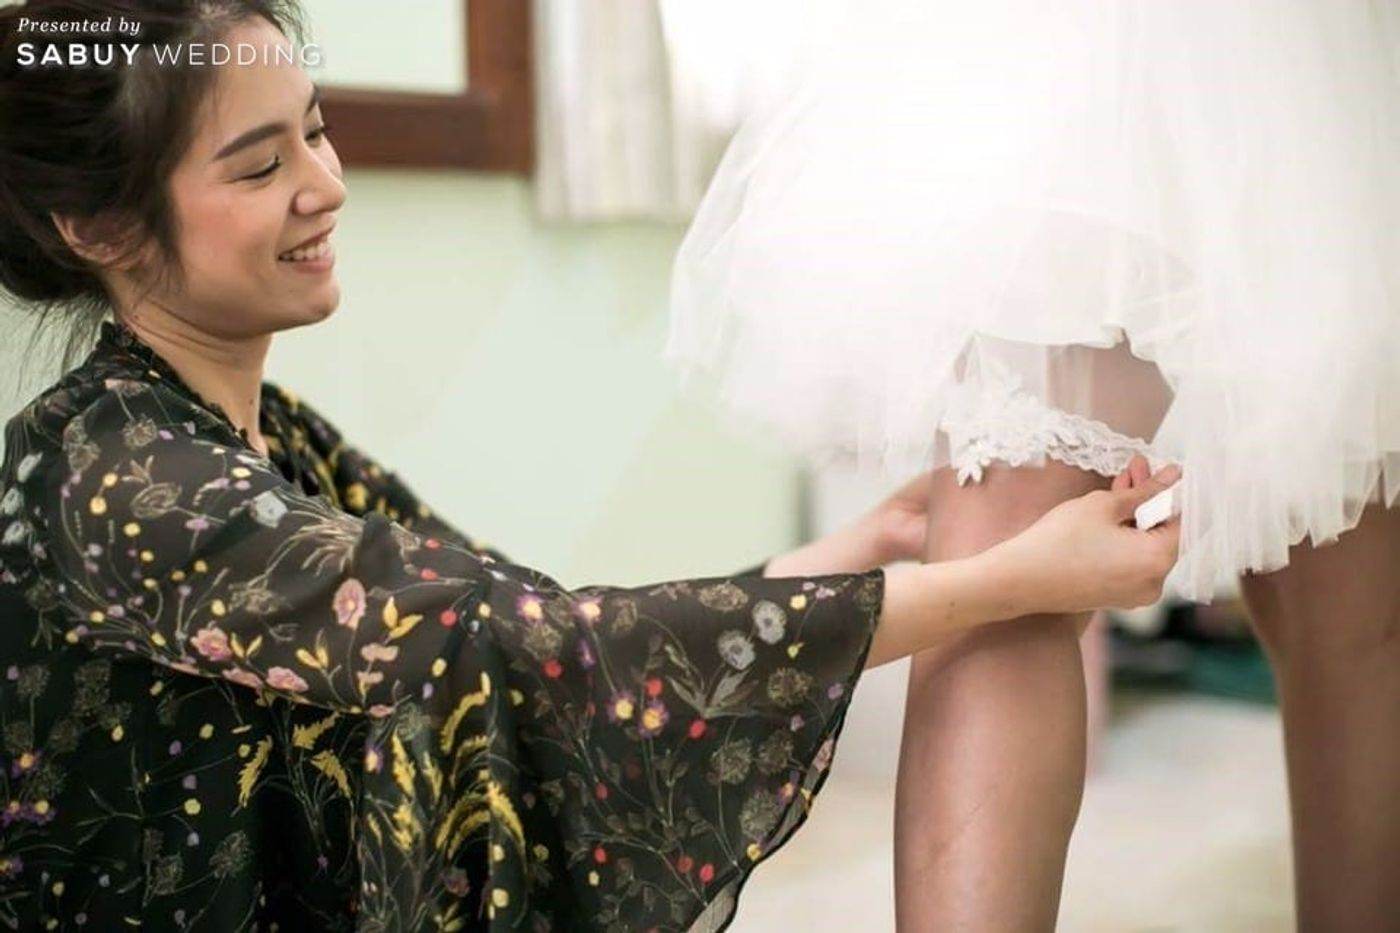 ผู้หญิง,ชุดเจ้าสาว,ชุดแต่งงาน Nhoo Matthews Atelier ครีเอทชุดแต่งงานในฝัน รังสรรค์ด้วยเทคนิคระดับ Haute Couture